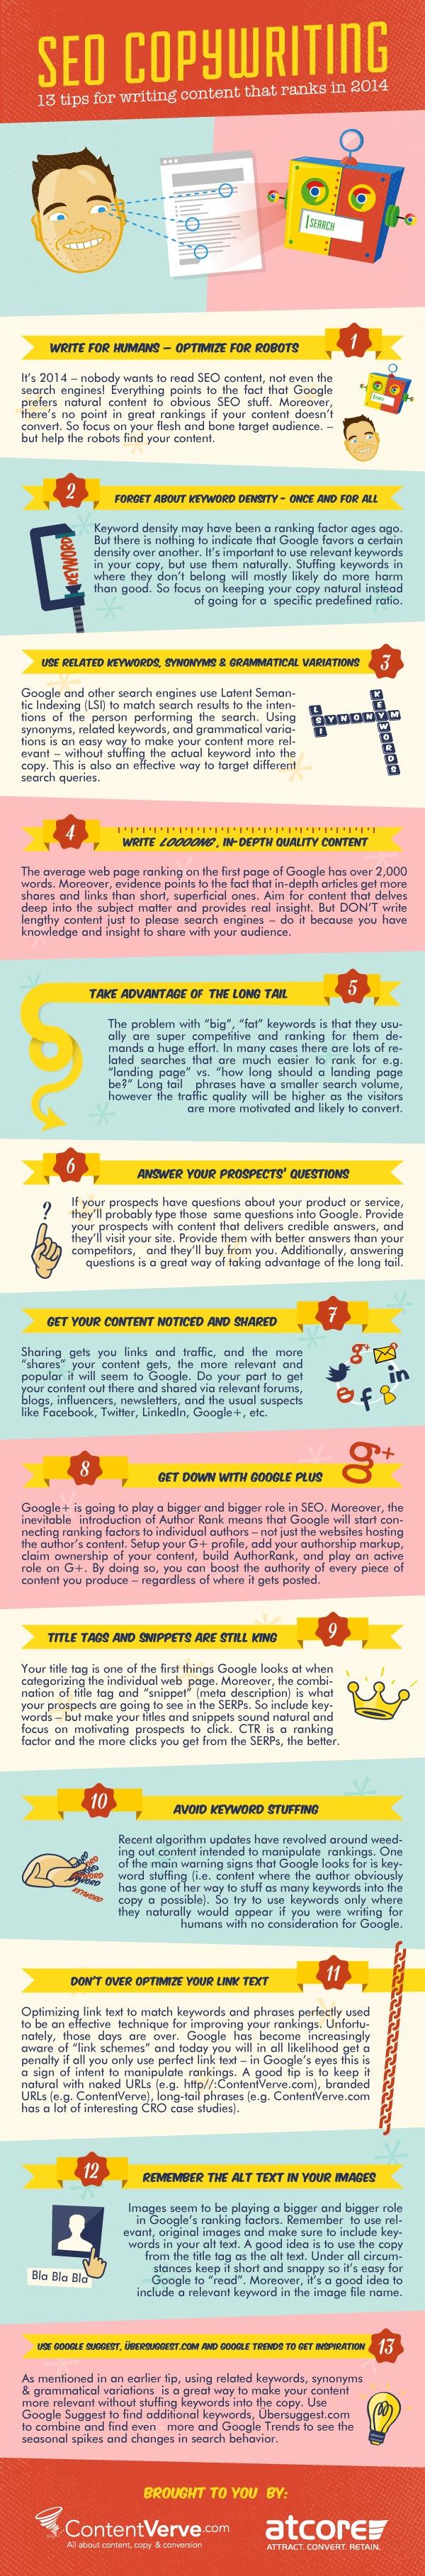 conseils-rédaction-contenu-infographie